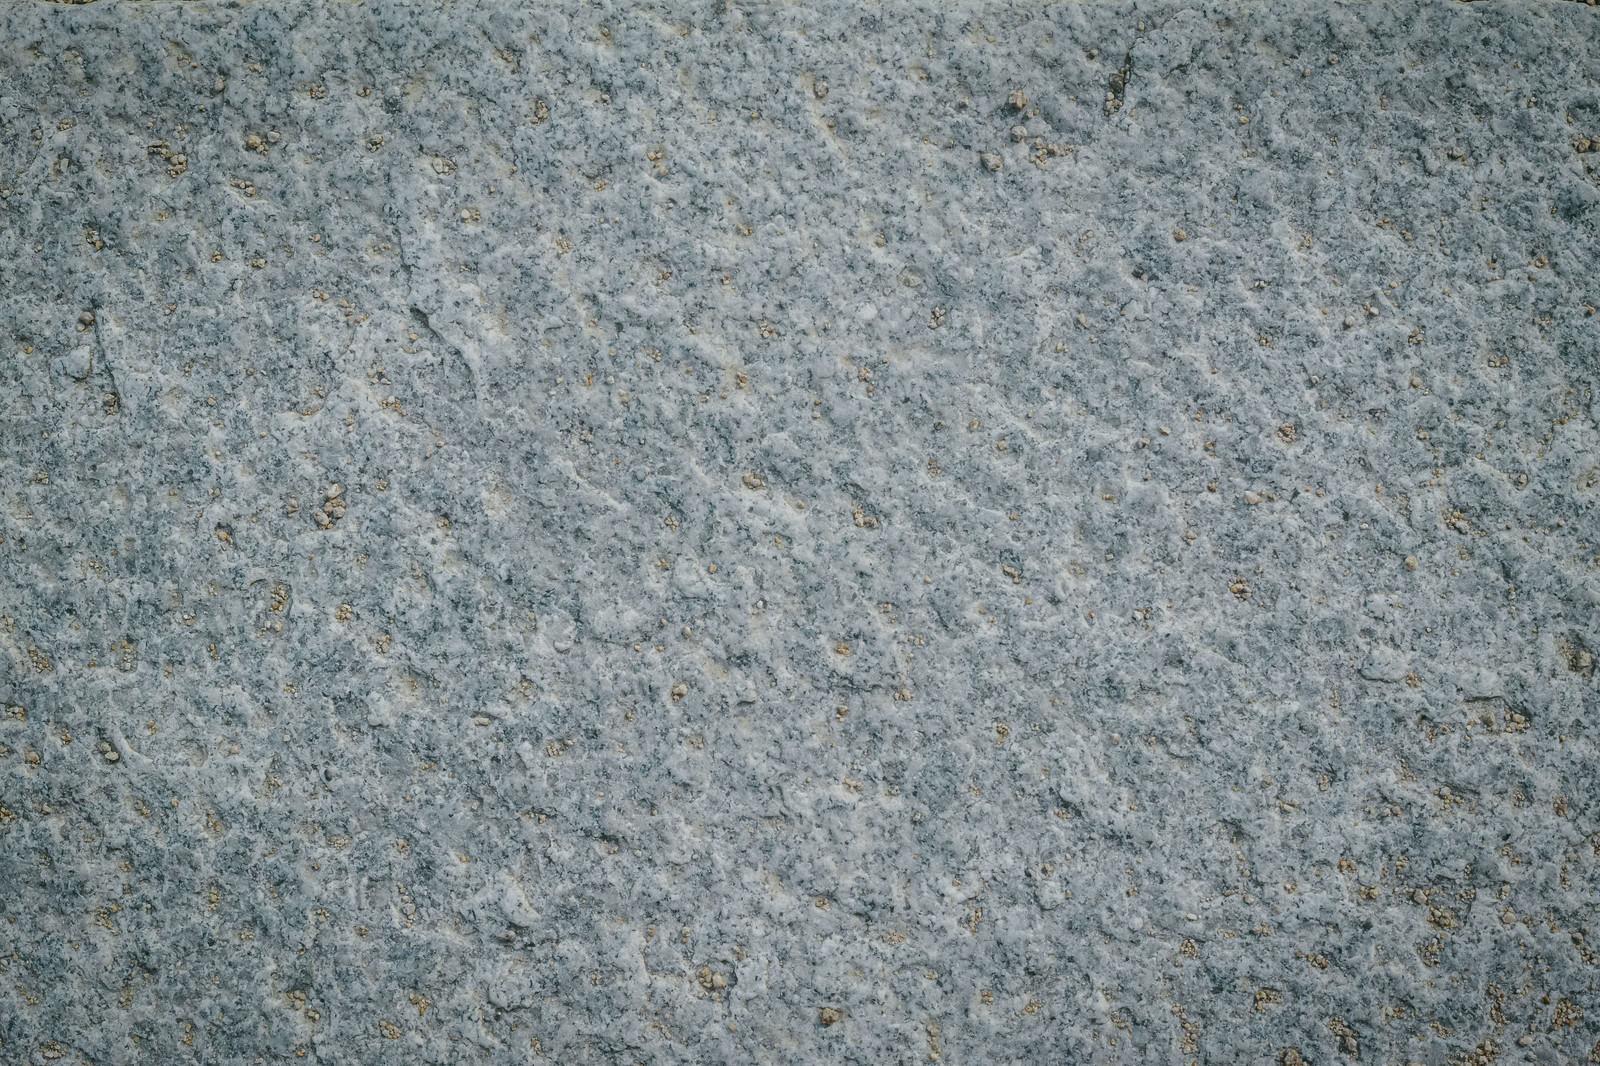 「うっすらと土が被る石材(テクスチャ)」の写真